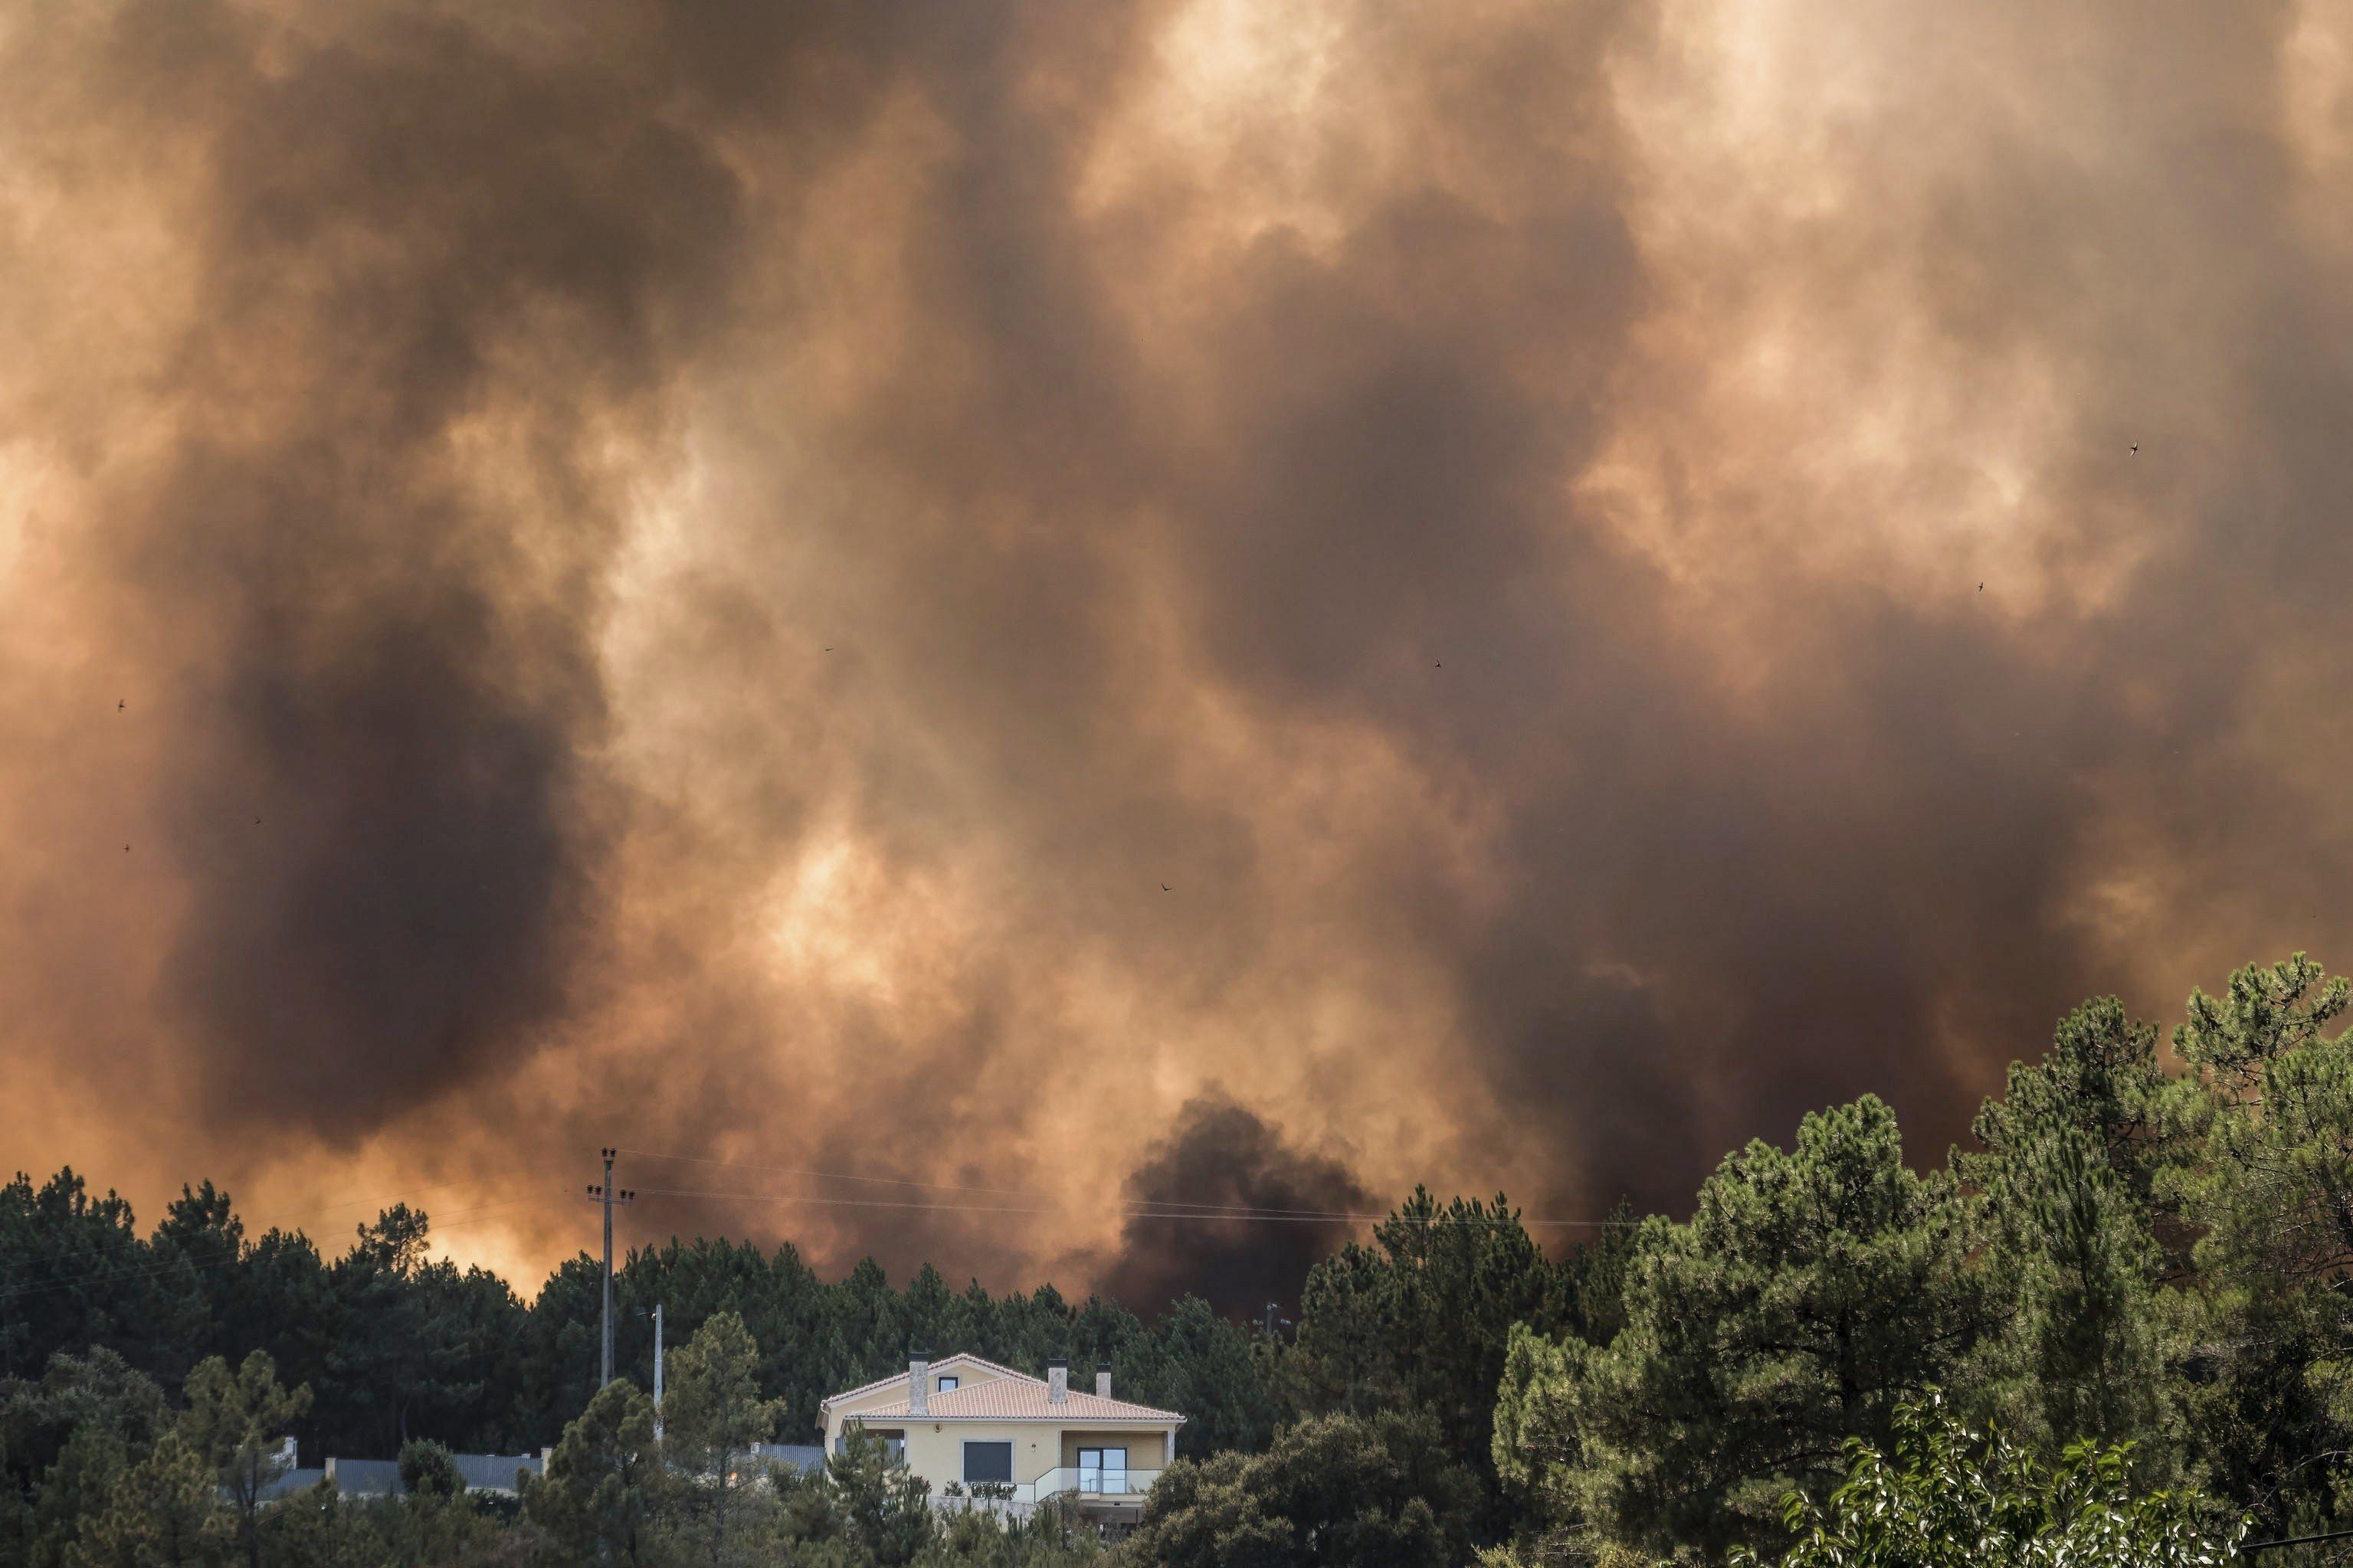 Vista de les flames i el fum prop d'un habitatge en un incendi forestal a Portugal. /SERGIO AZENHA